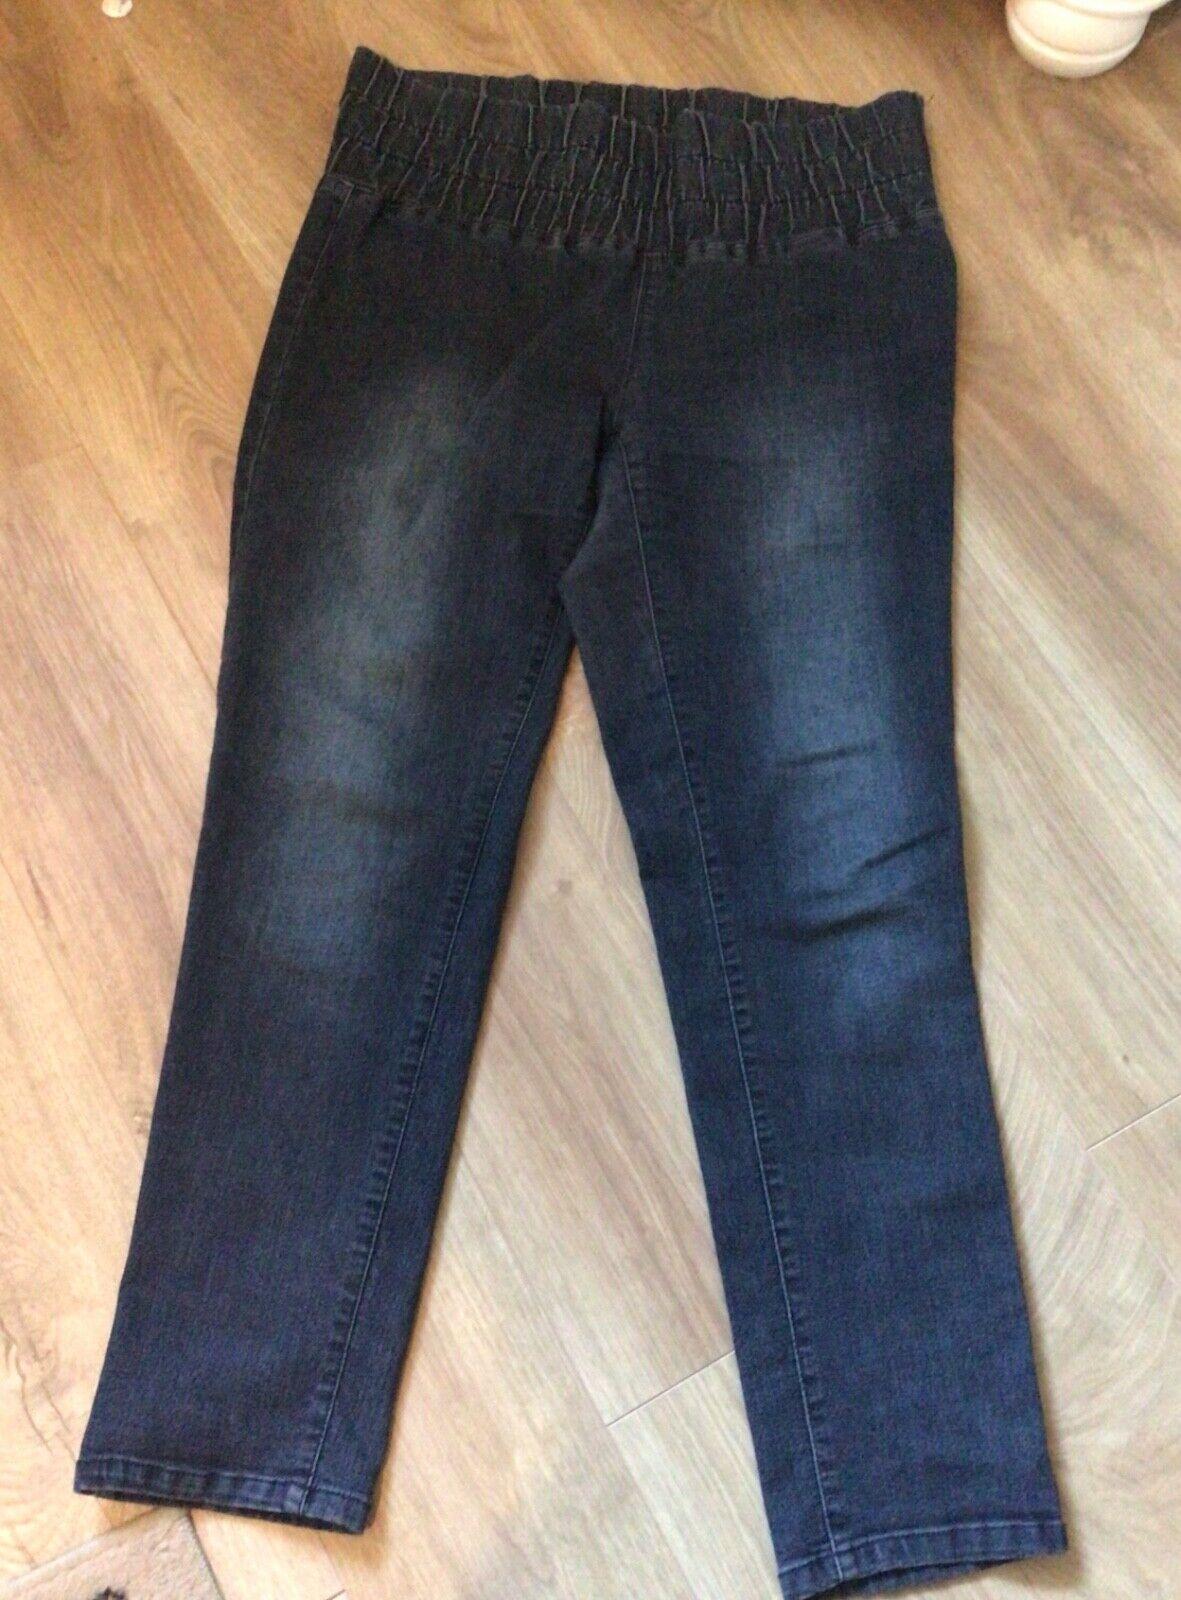 Jeans für Damen Gr. 22 mit Gummizug Blau von Arizona